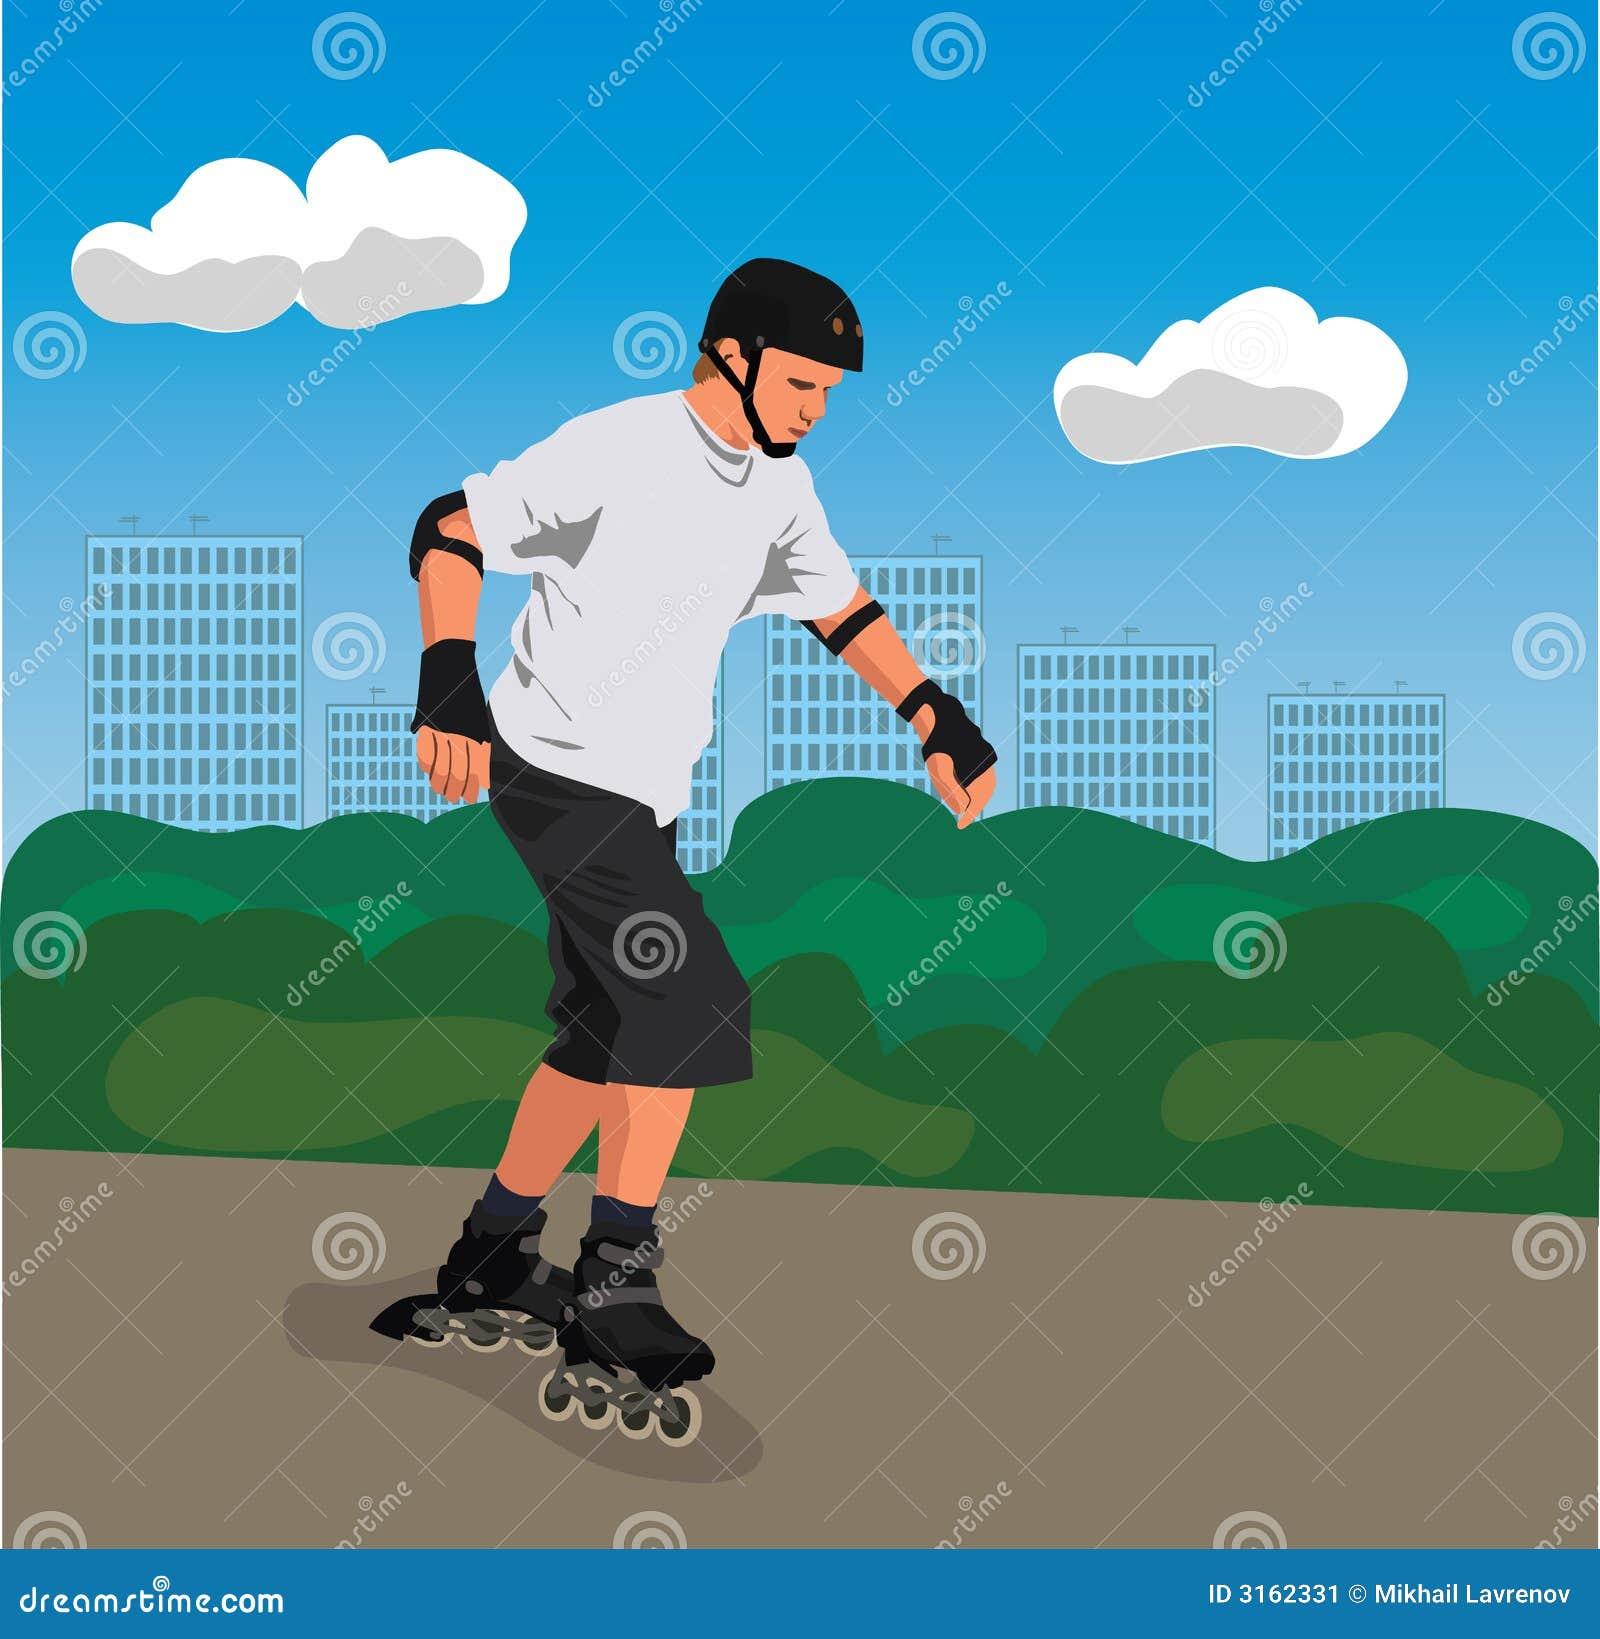 City roller skater